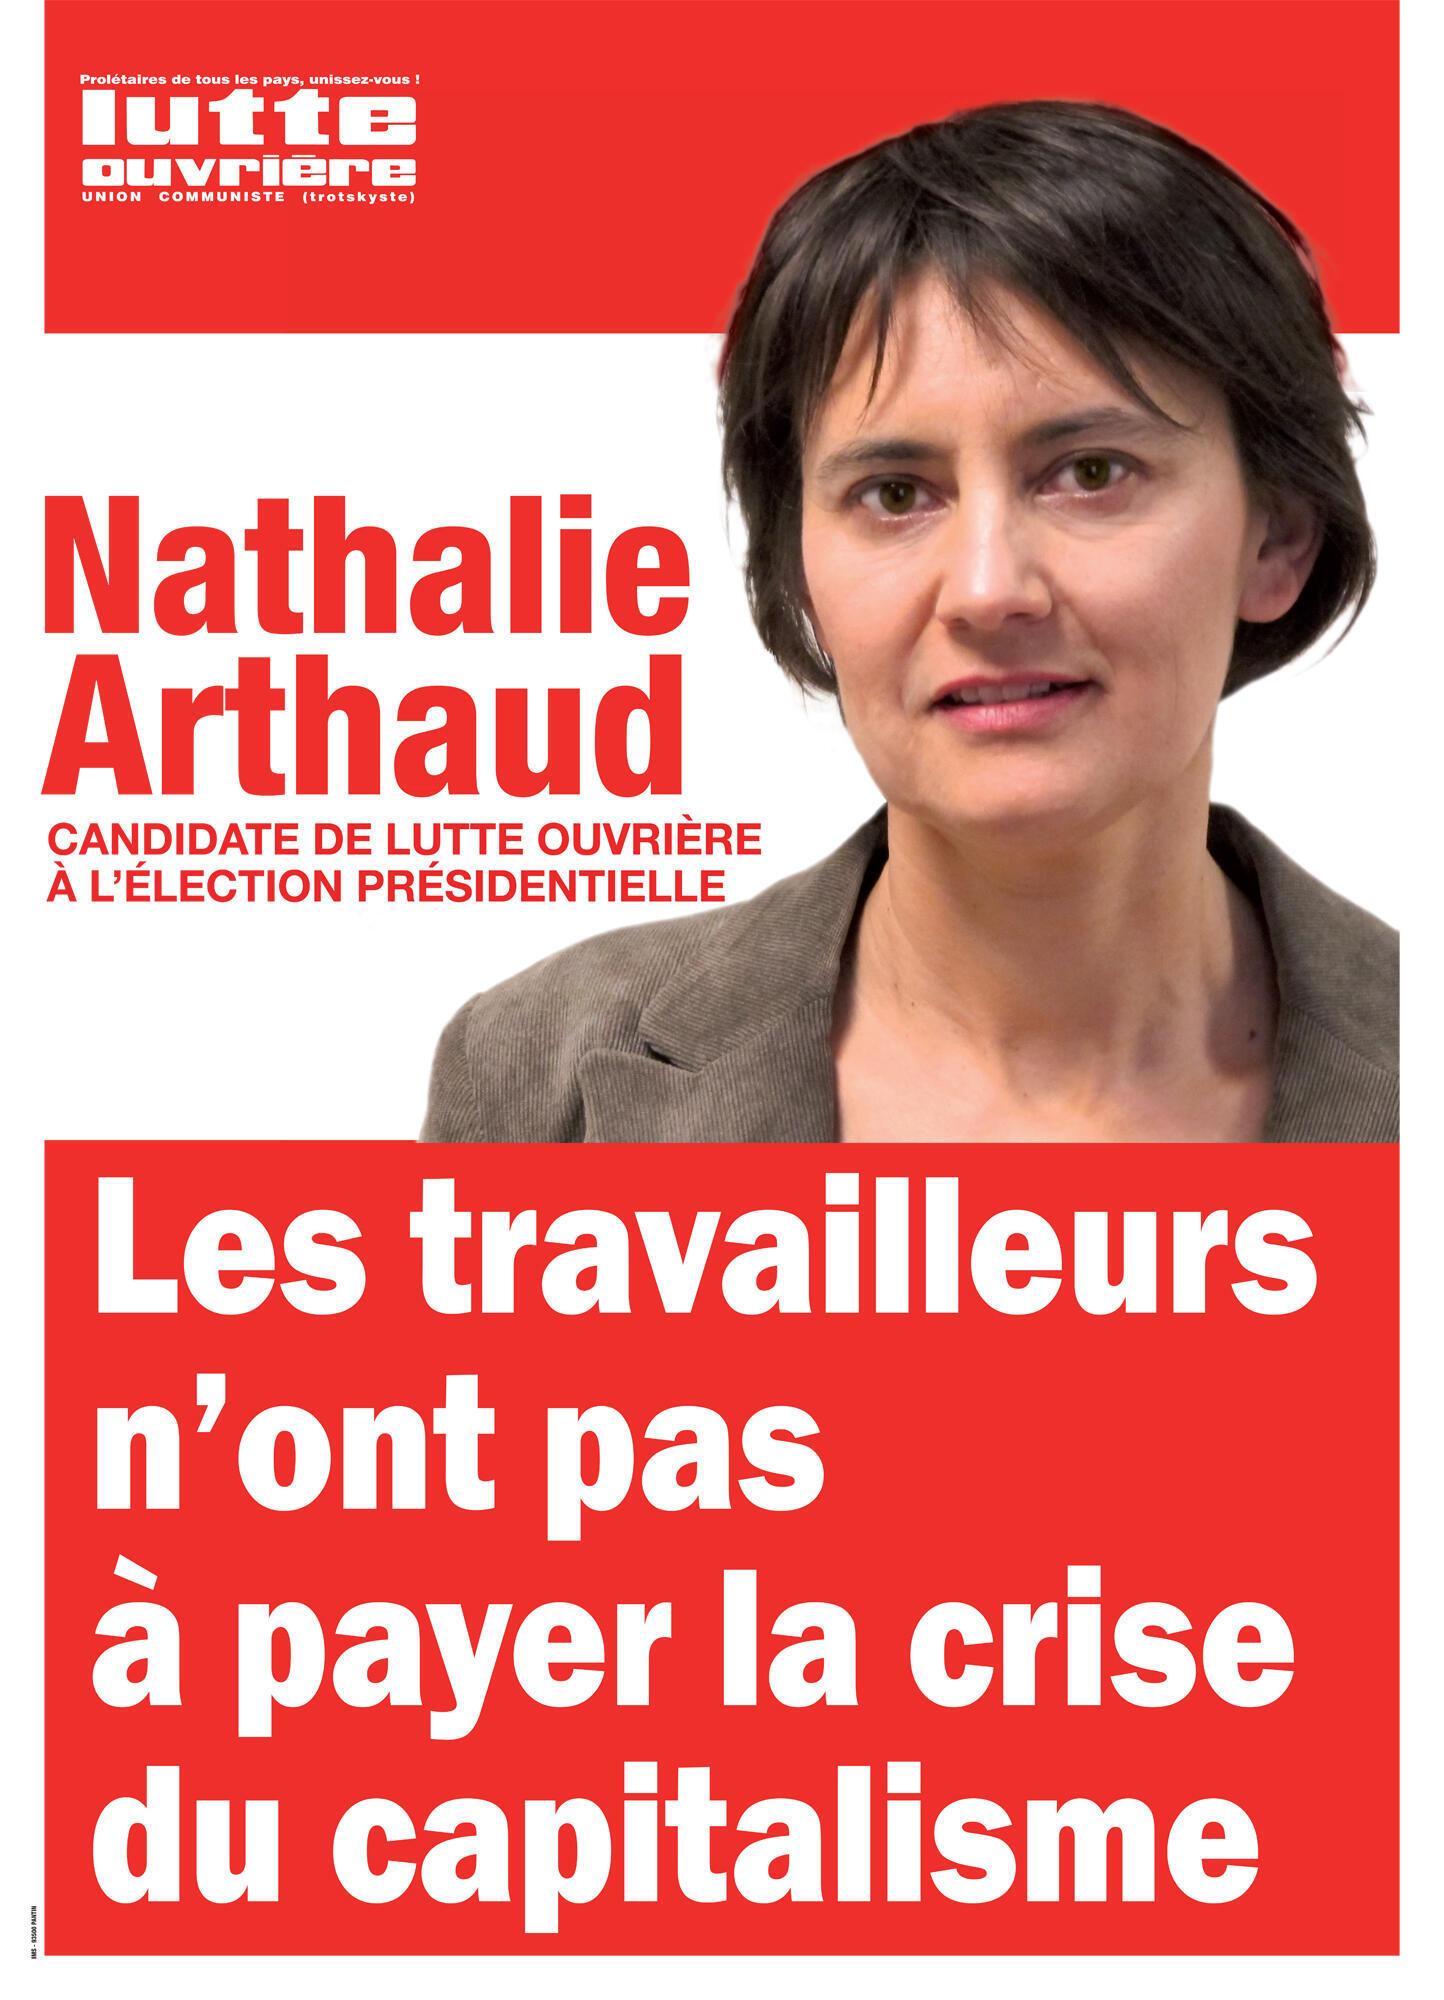 Afiche de campaña de Nathalie Arthaud.